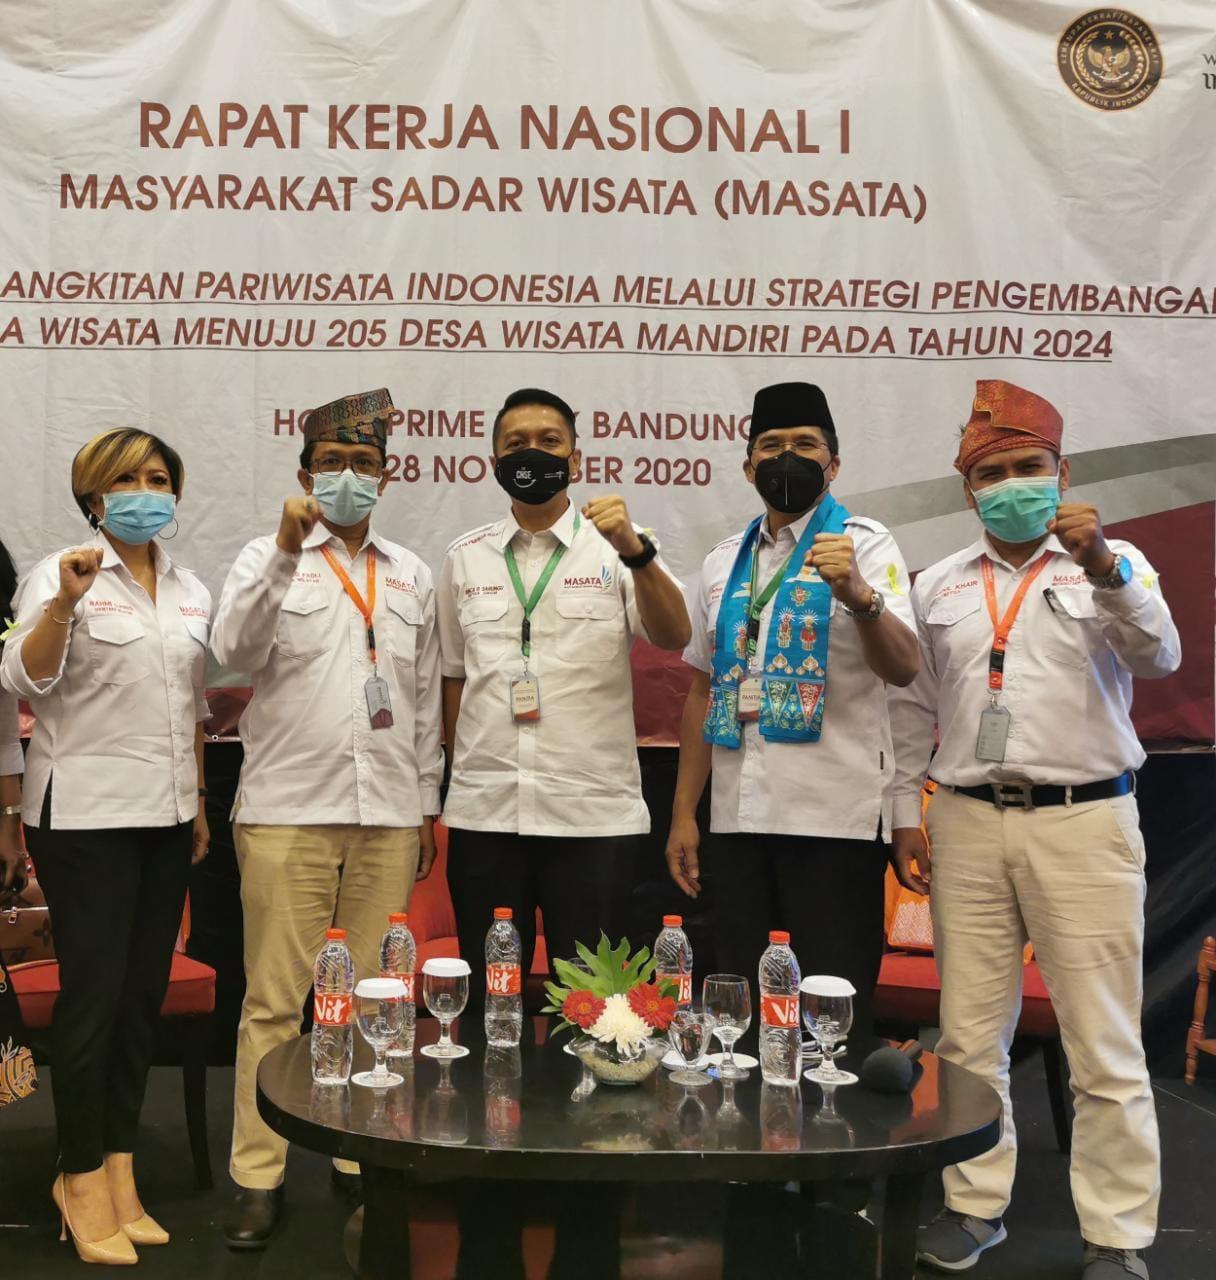 Dibuka Mentri, MASATA Riau Hadiri Rakernas I di Bandung